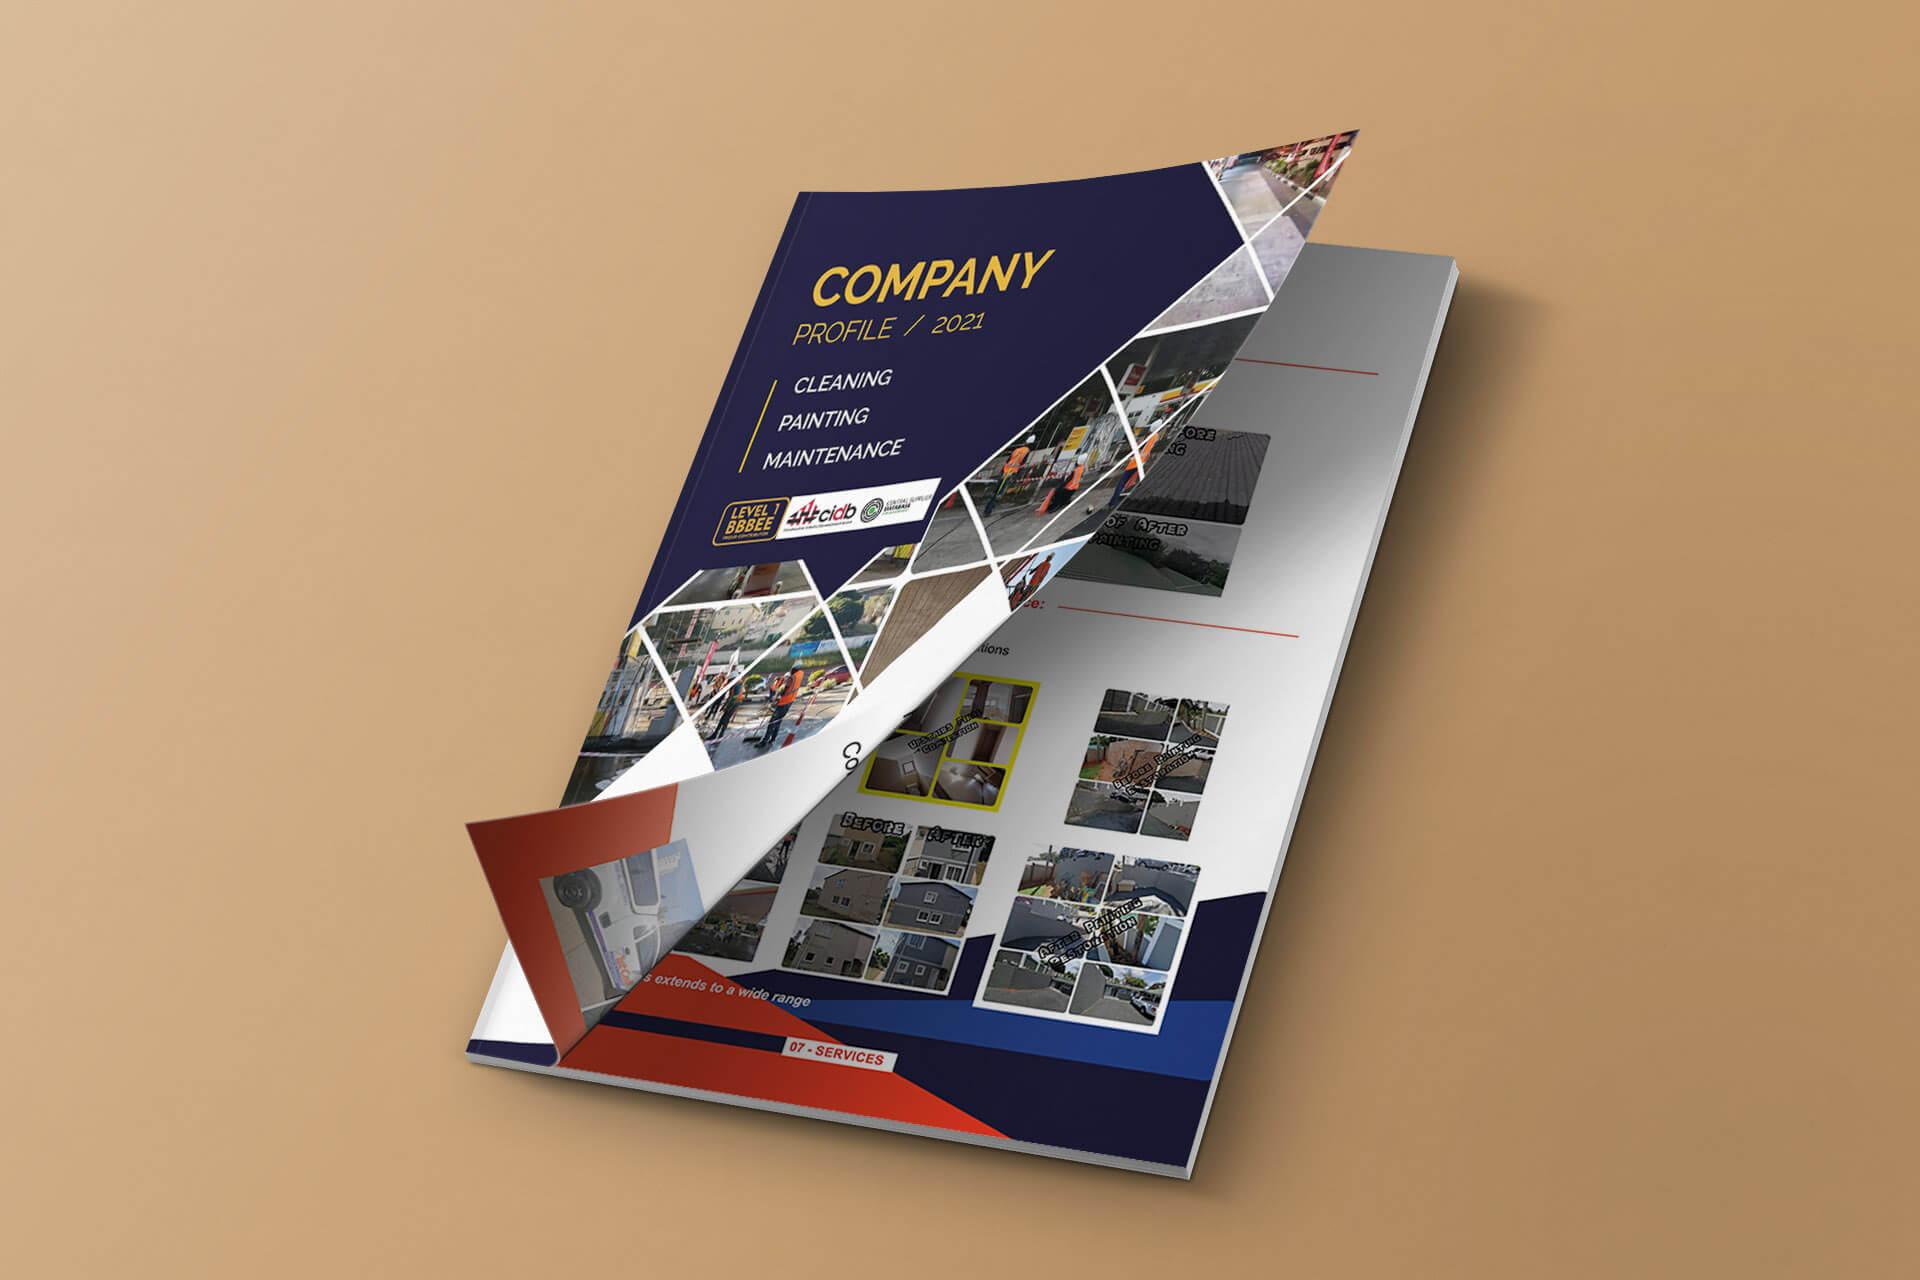 G13- Company profile design